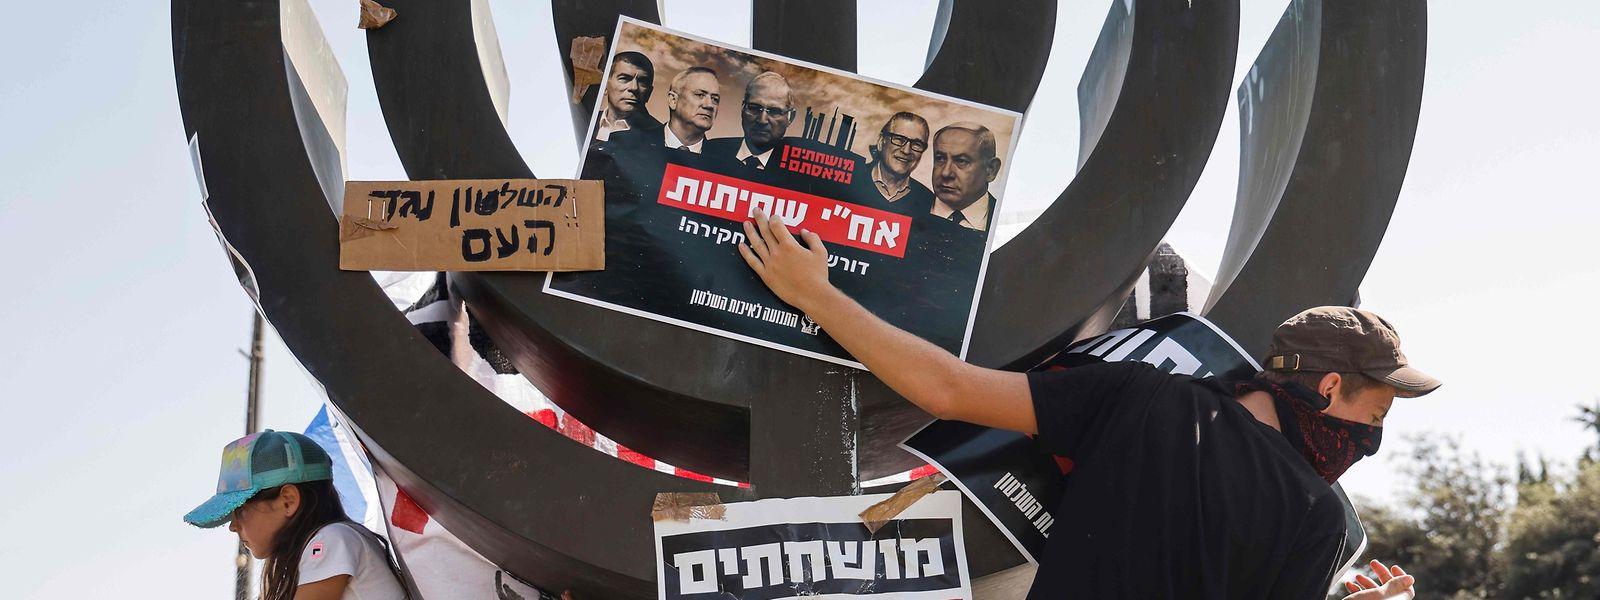 Vor der Knesset in Jerusalem, dem israelischen Parlament, demonstrieren Menschen gegen die restriktive Regierungspolitik zum Corona-Virus.